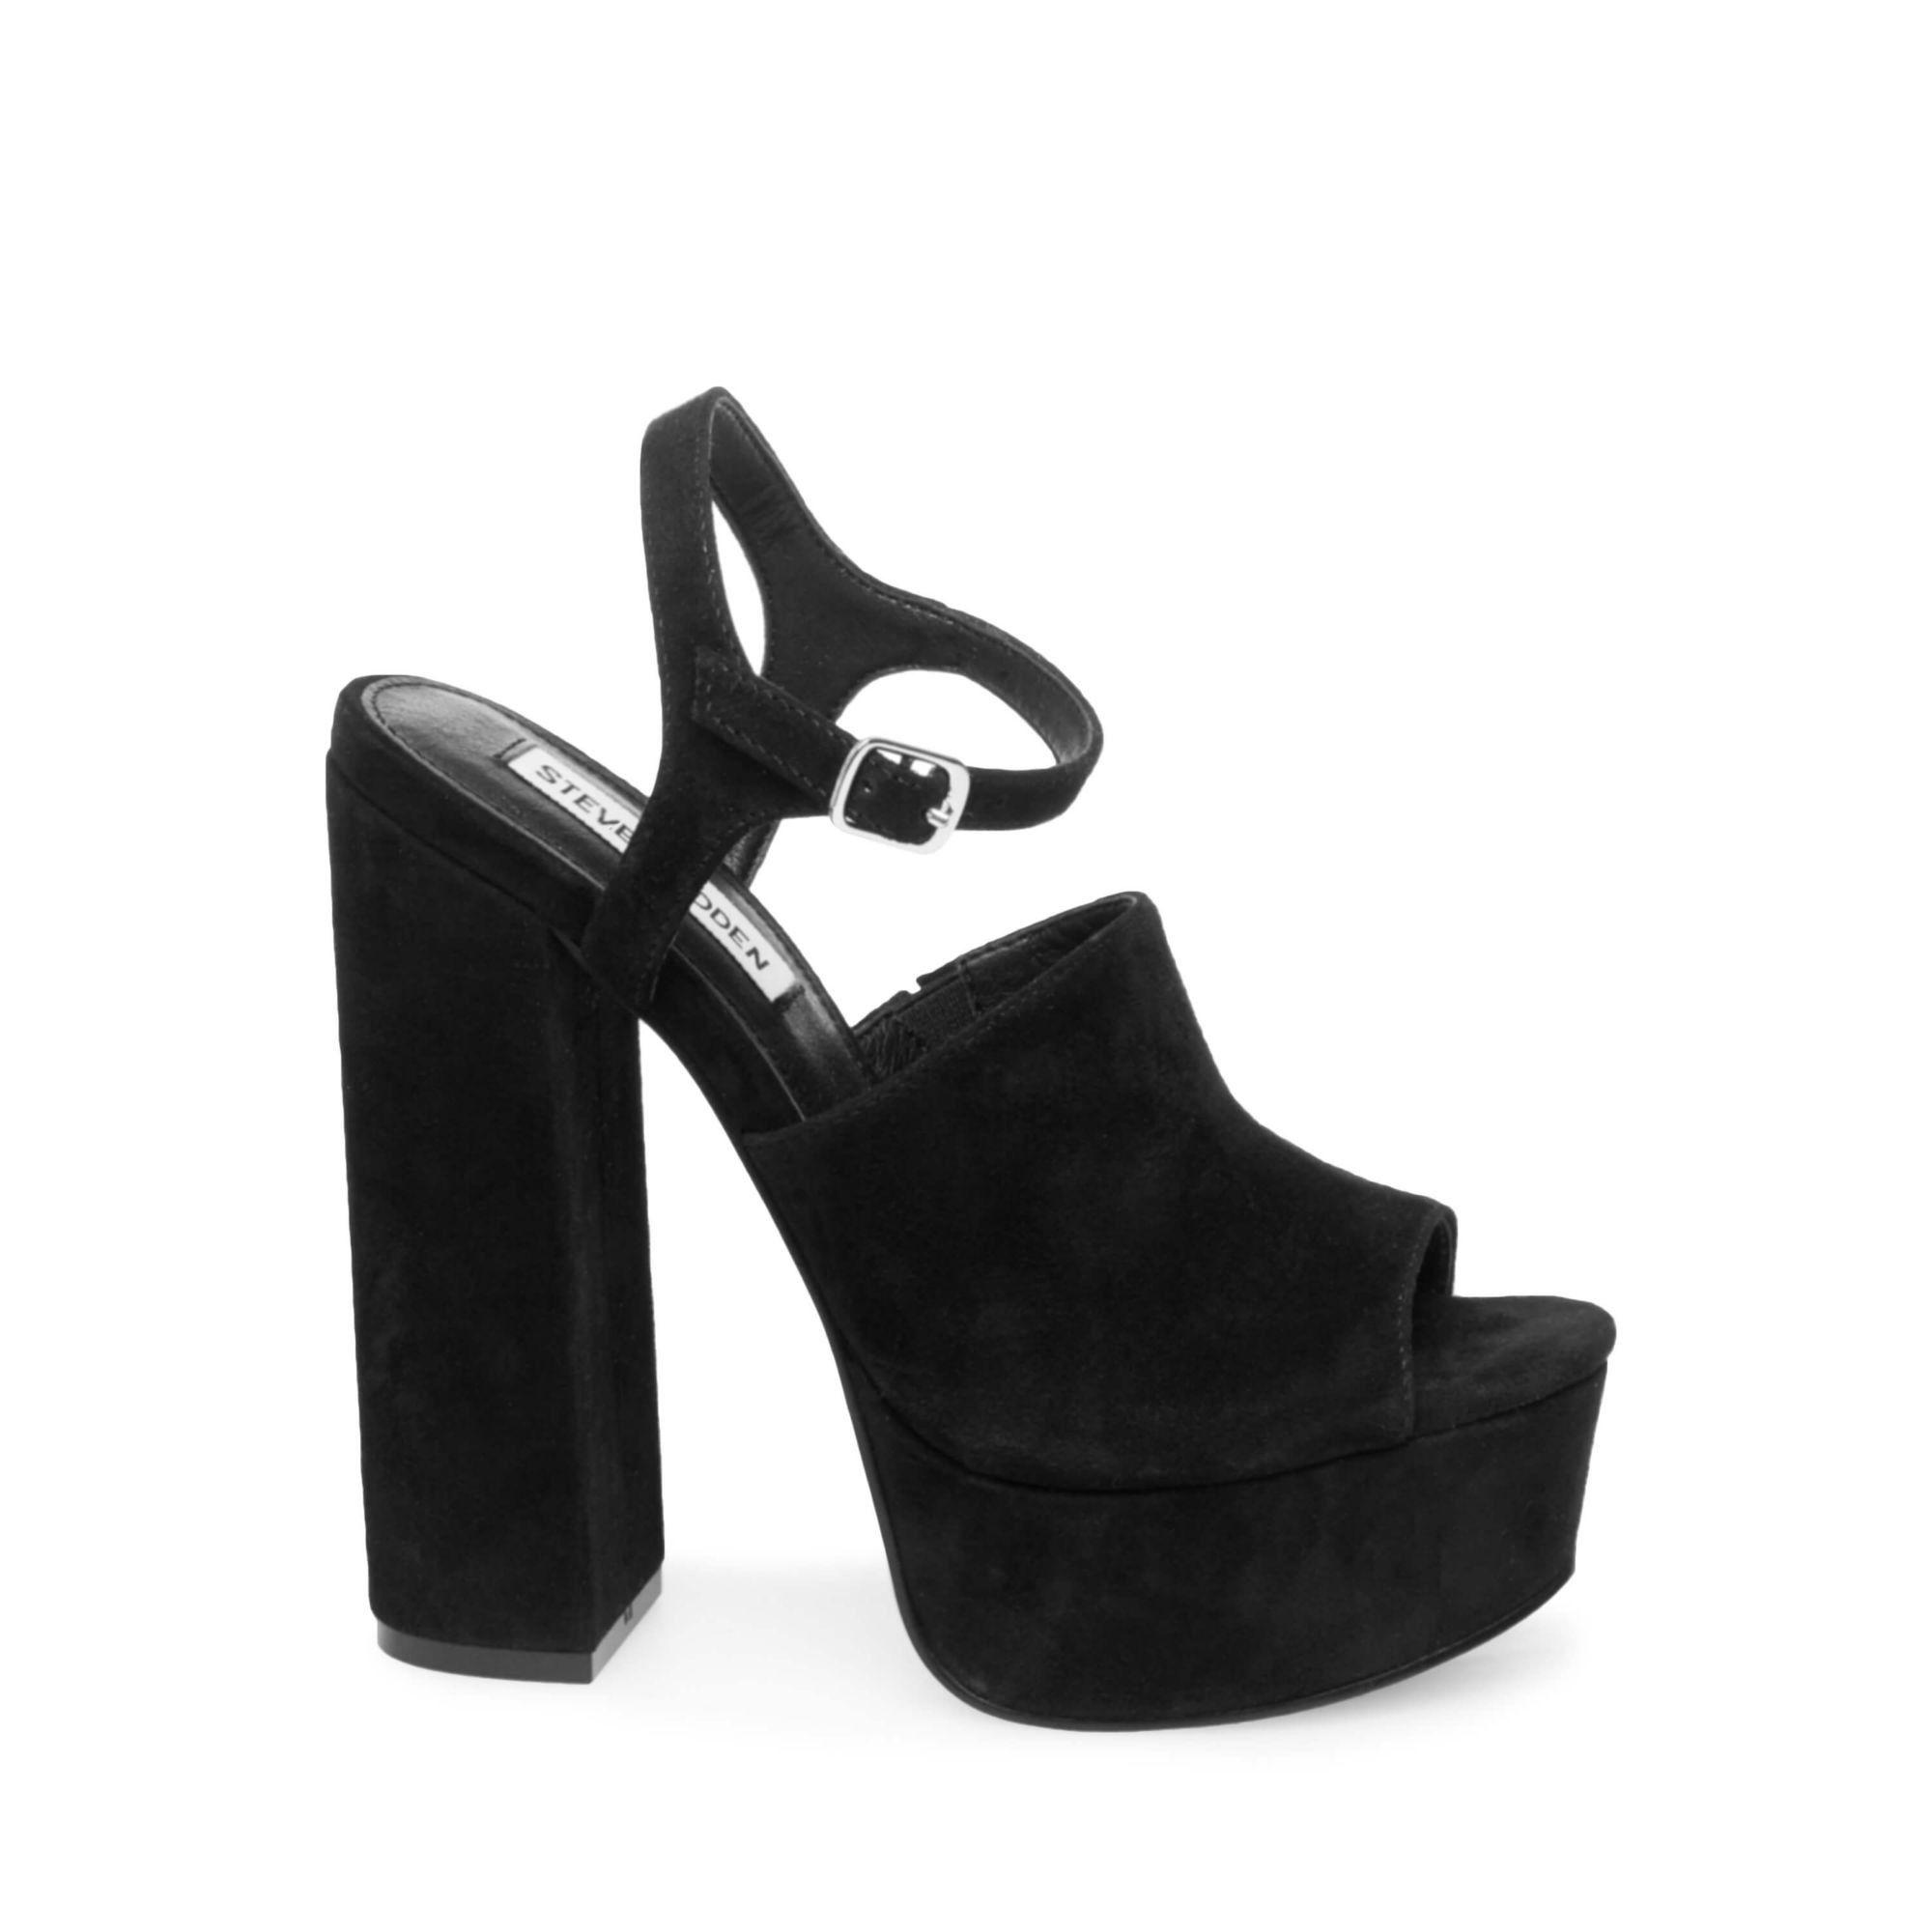 fbc0d27f4e1 STEVE MADDEN Studio. #stevemadden #shoes #all | Steve Madden | Block ...